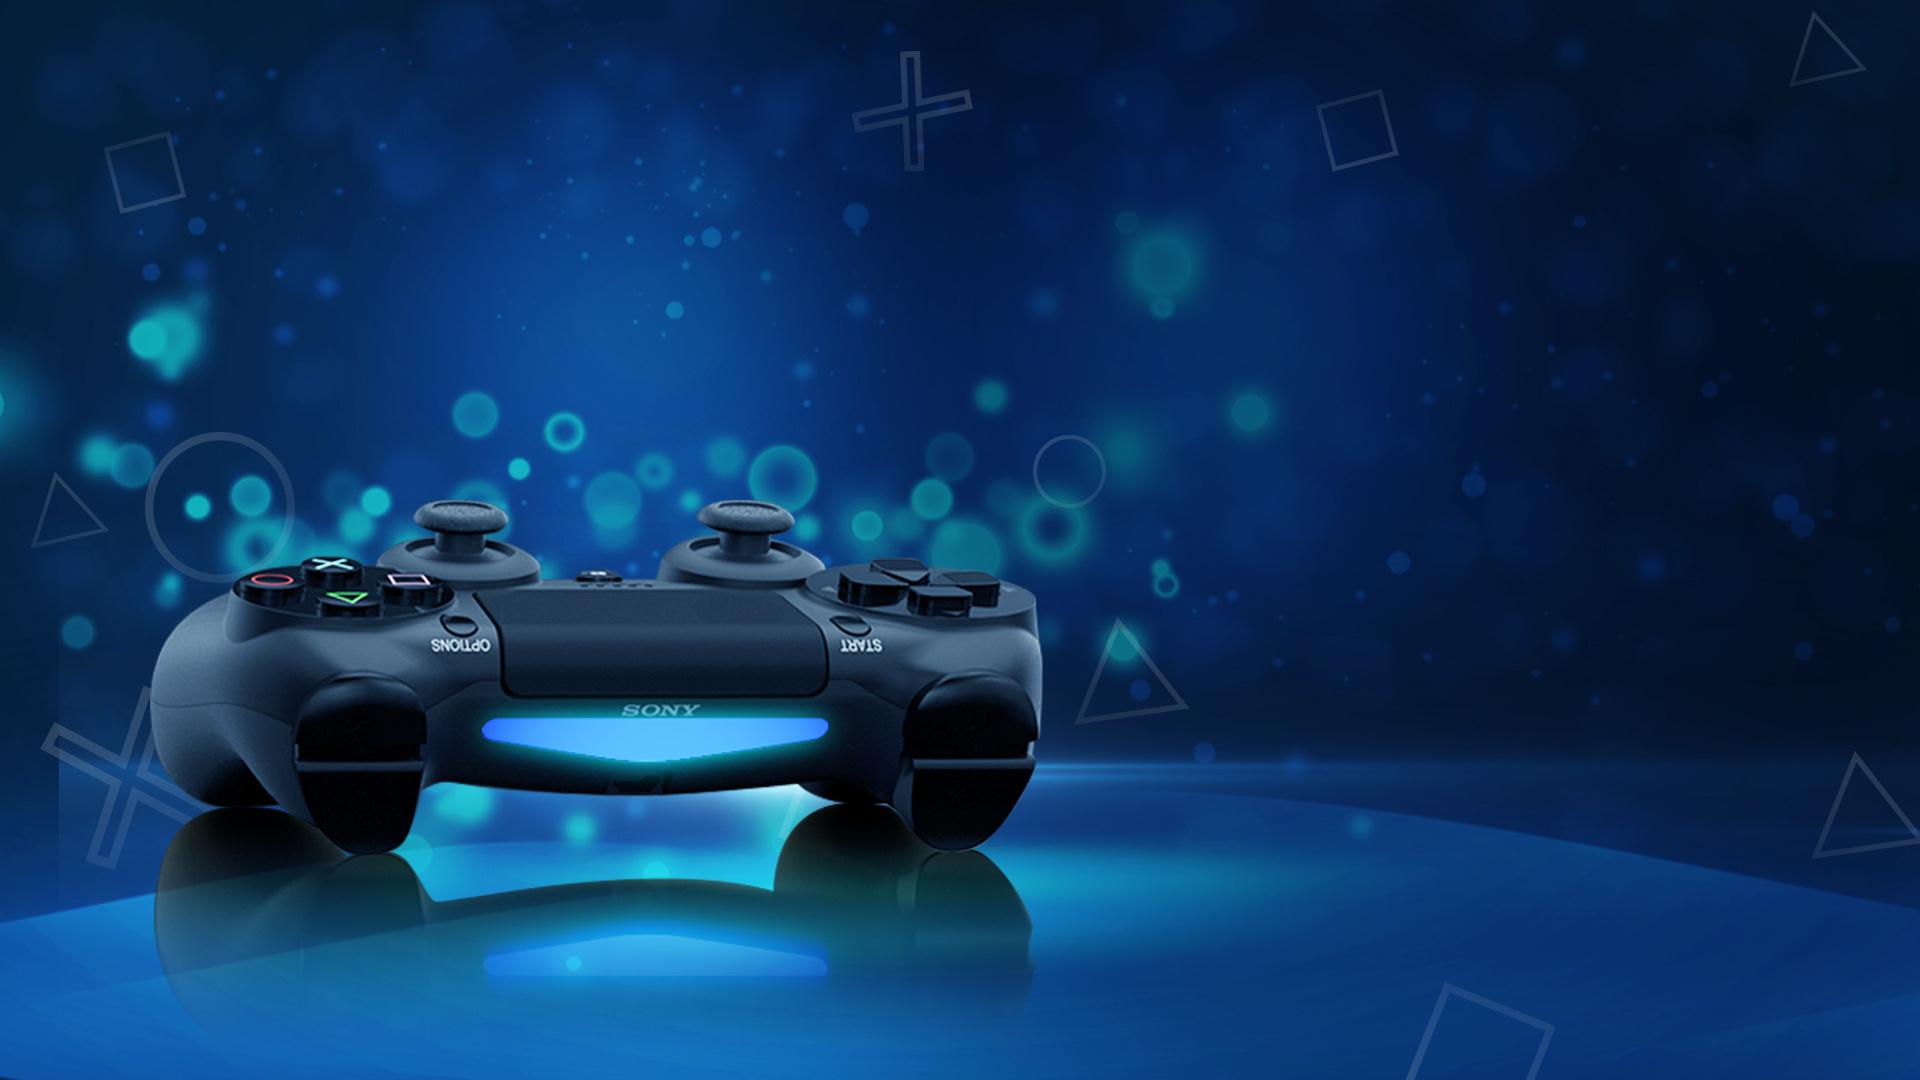 PlayStation 5 Details Emerge Alongside One Major Confirmation